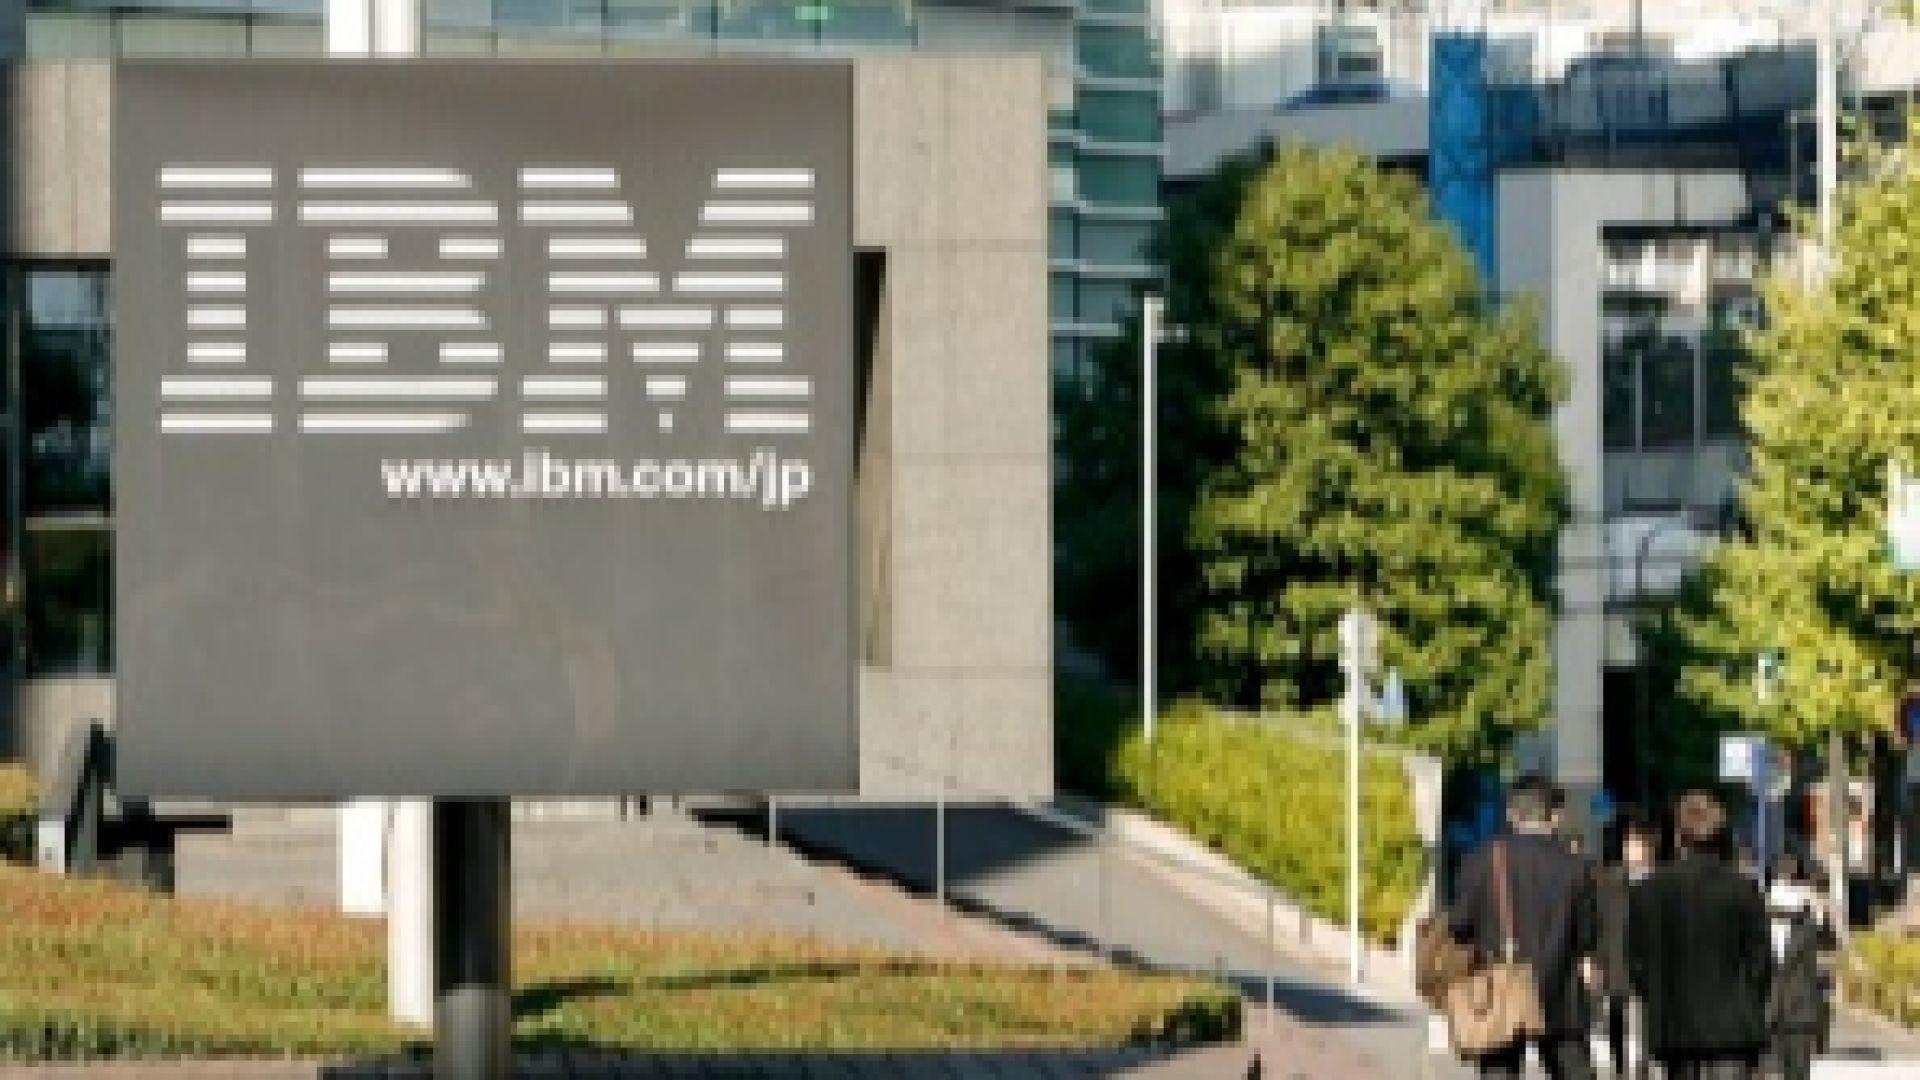 IBM нарежда на всички свои служители да се ваксинират до 8 декември